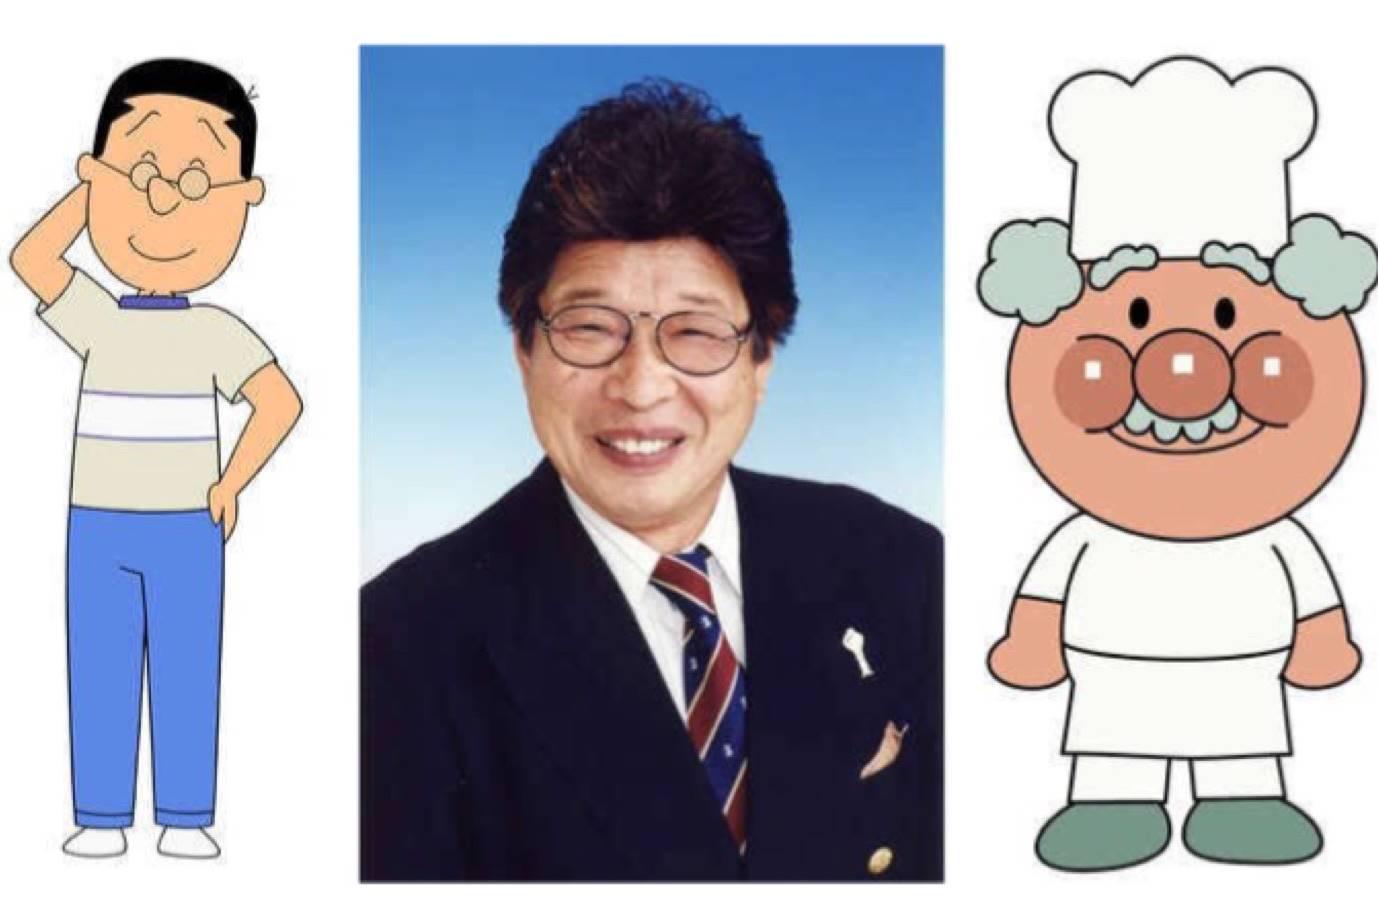 為《麵包超人》果醬爺爺配音 聲優增岡弘直腸癌病逝